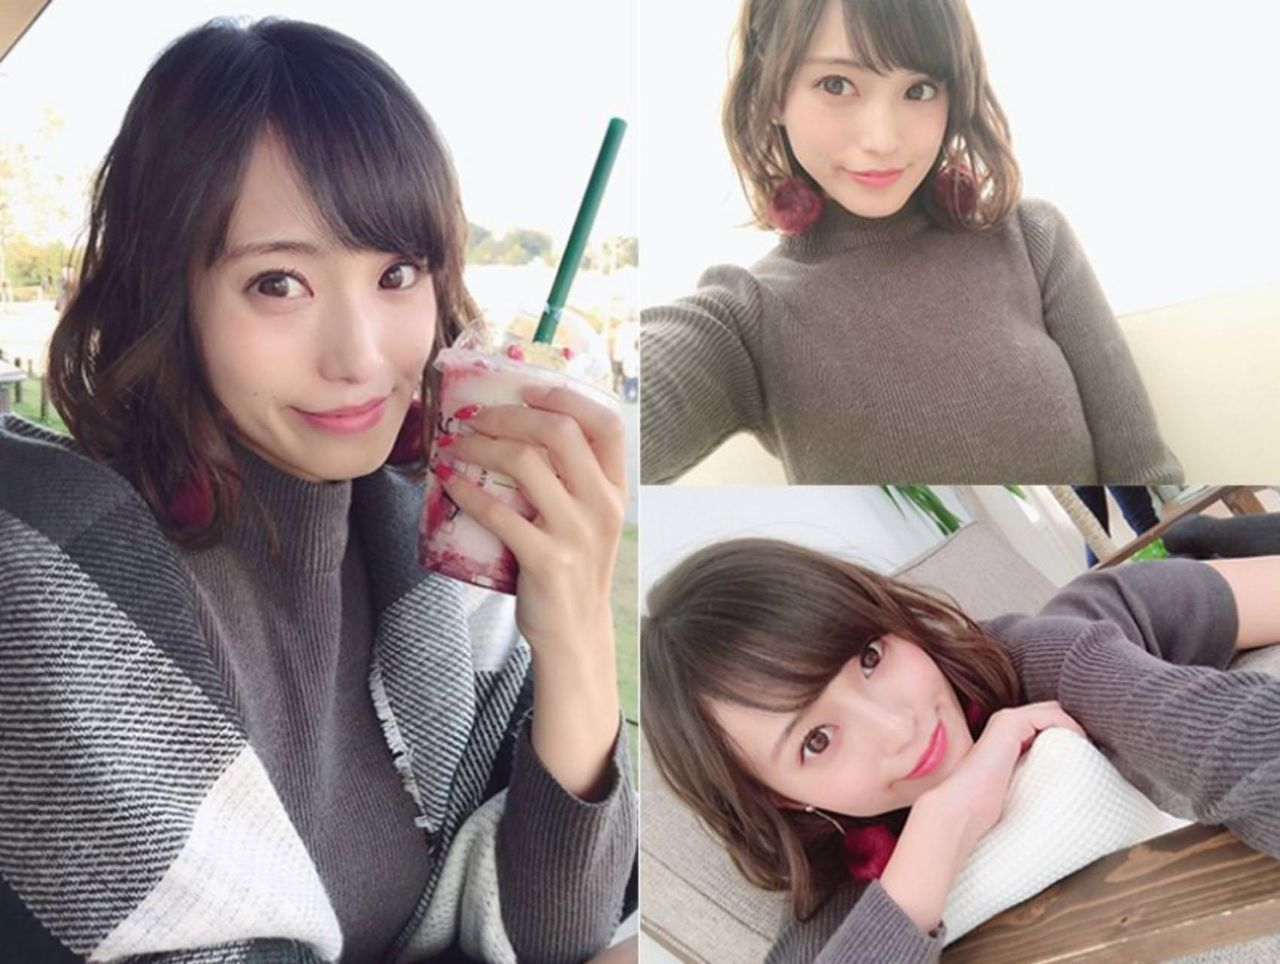 【朗報】明日花キララさん、完成する